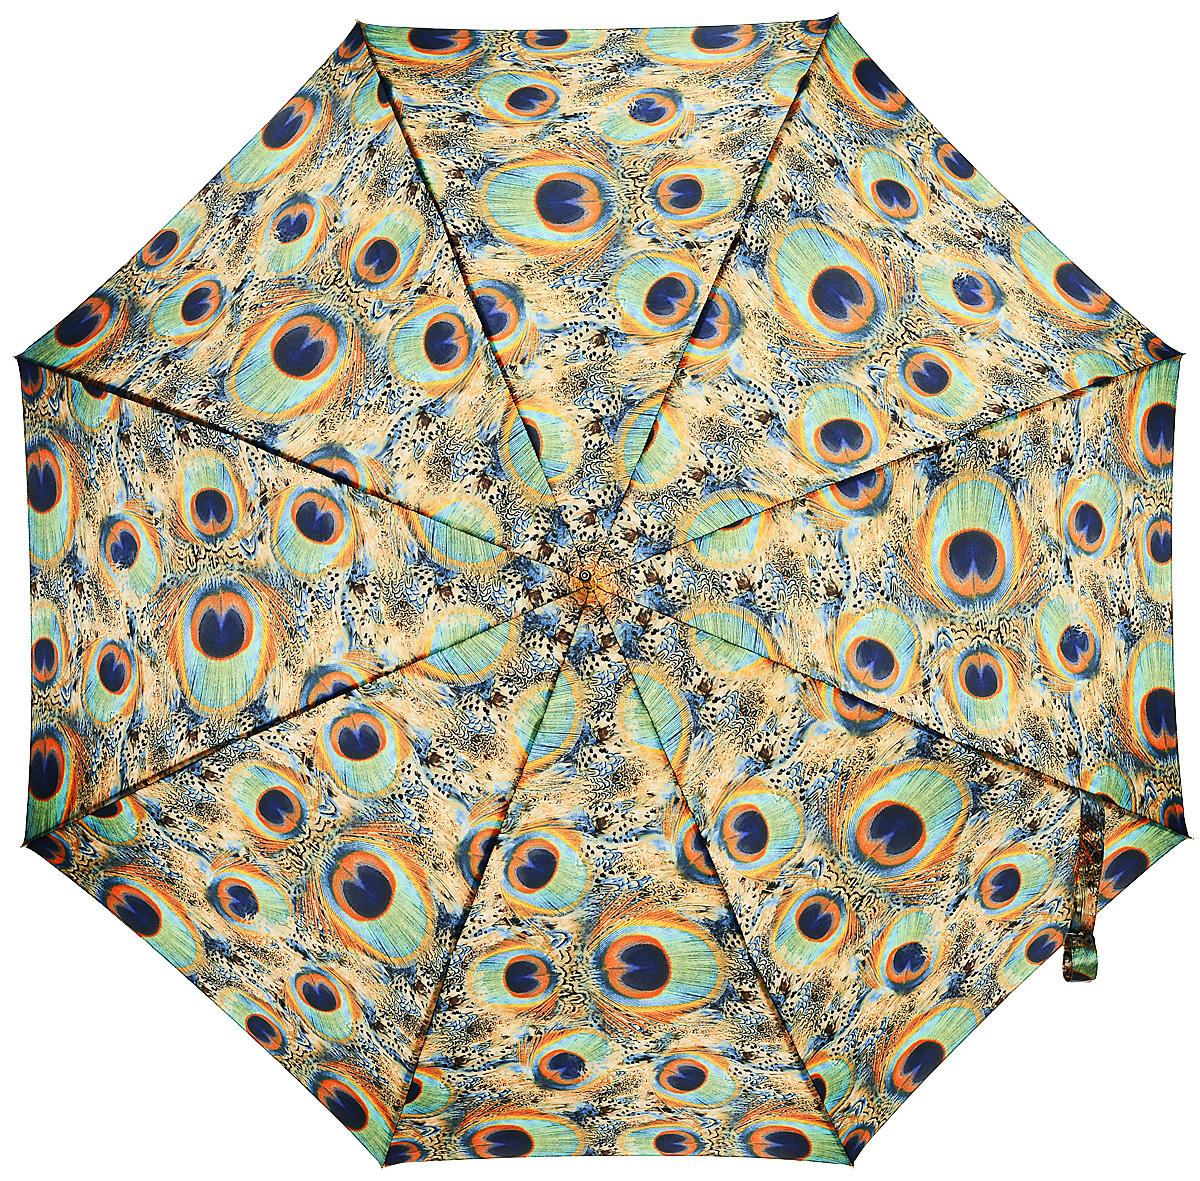 Зонт-трость женский Stilla, цвет: песочный, бирюзовый. 726/1 autoКолье (короткие одноярусные бусы)Зонт-трость Stilla надежно защитит вас от дождя. Купол, оформленный оригинальным принтом, выполнен из высококачественного ПВХ, который не пропускает воду.Каркас зонта и спицы выполнены из высококарбонистой стали. Зонт имеет автоматический тип сложения: открывается и закрывается при нажатии на кнопку. Удобная ручка выполнена из пластика.